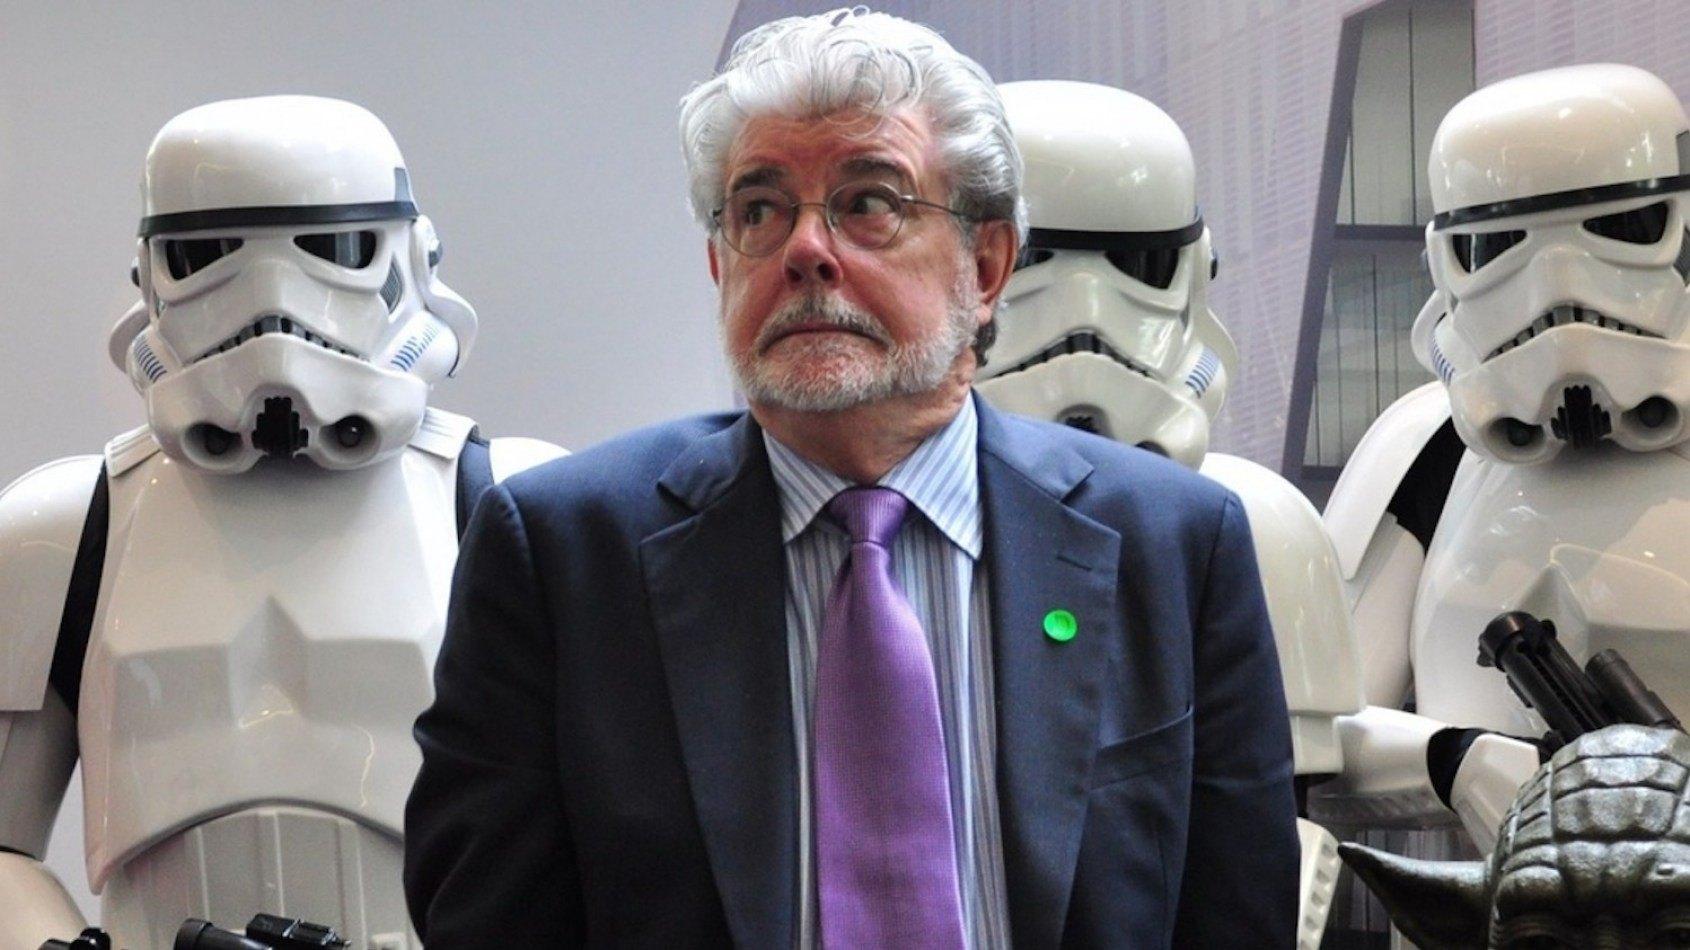 La r�action de George Lucas apr�s avoir vu le R�veil de la Force